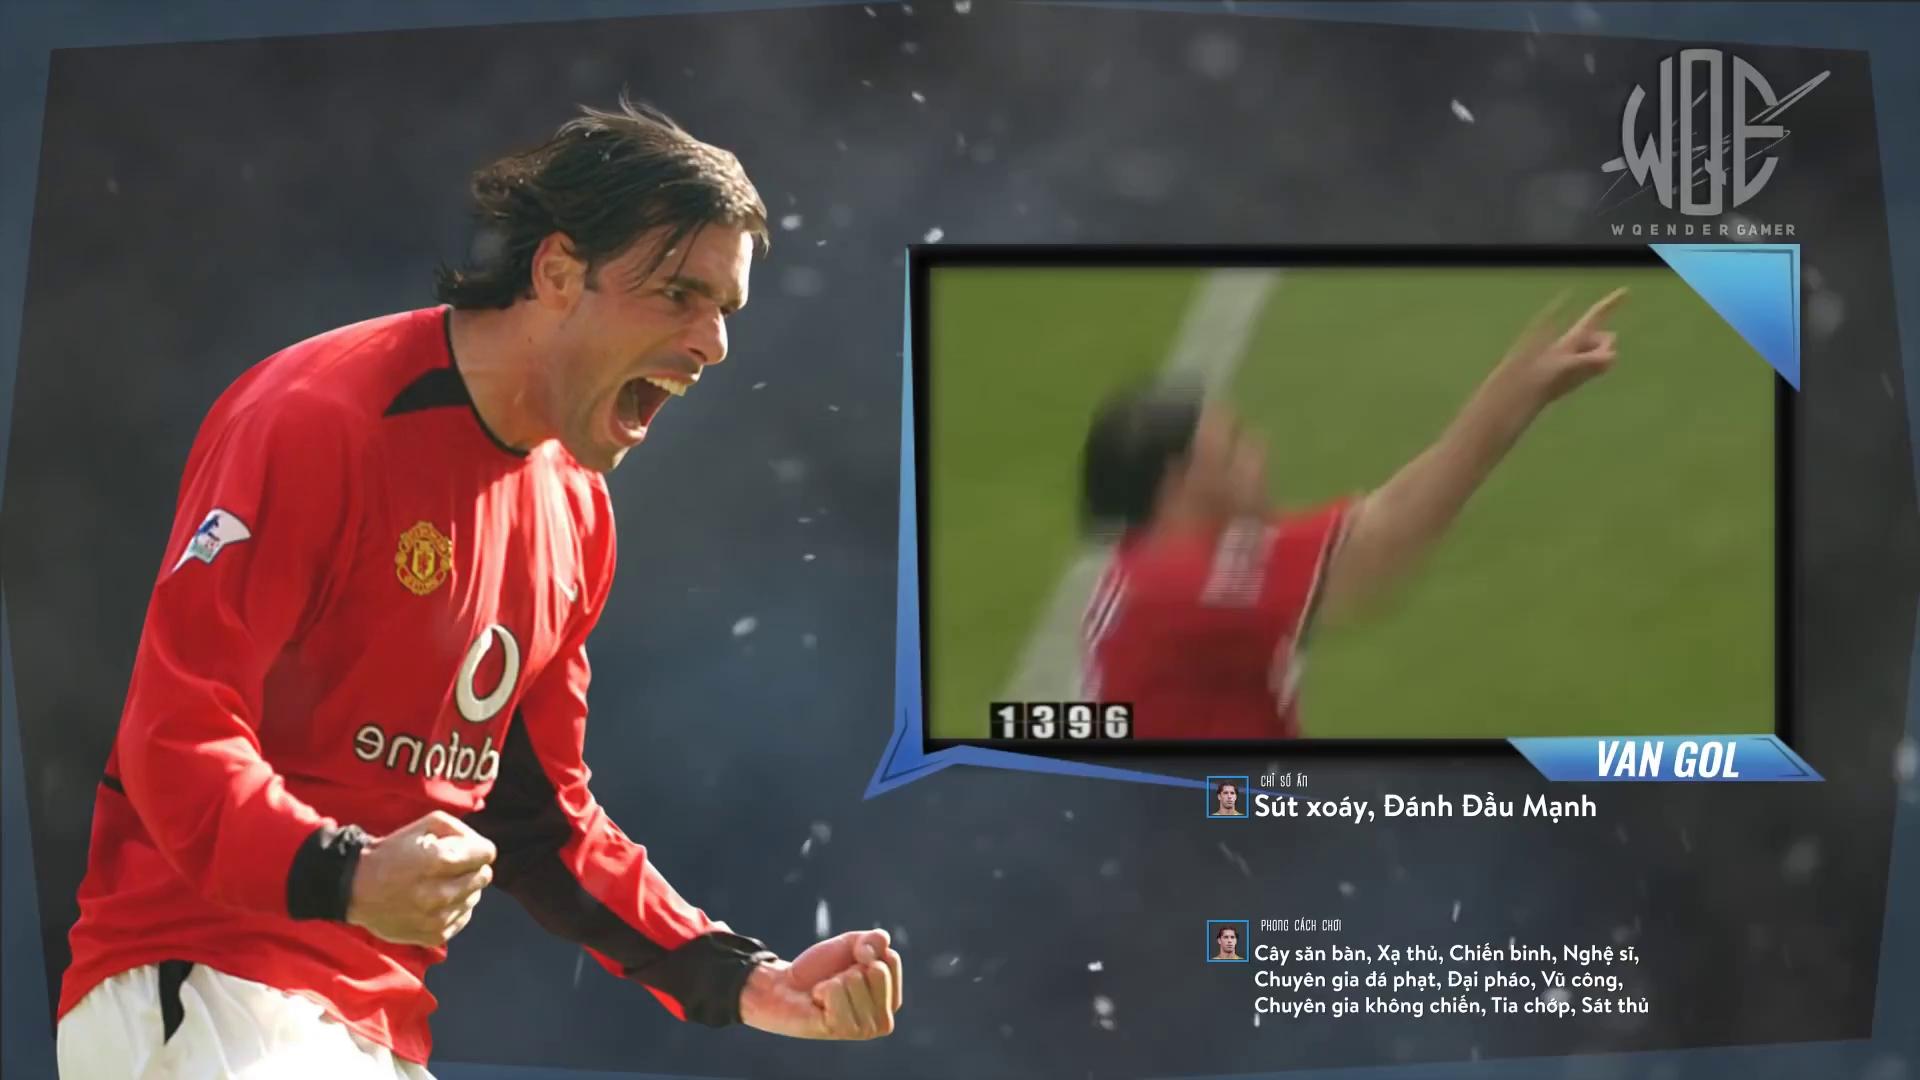 FIFA Online 3 - Van Nistelrooy WL: Sát thủ mang ADN 'Van'